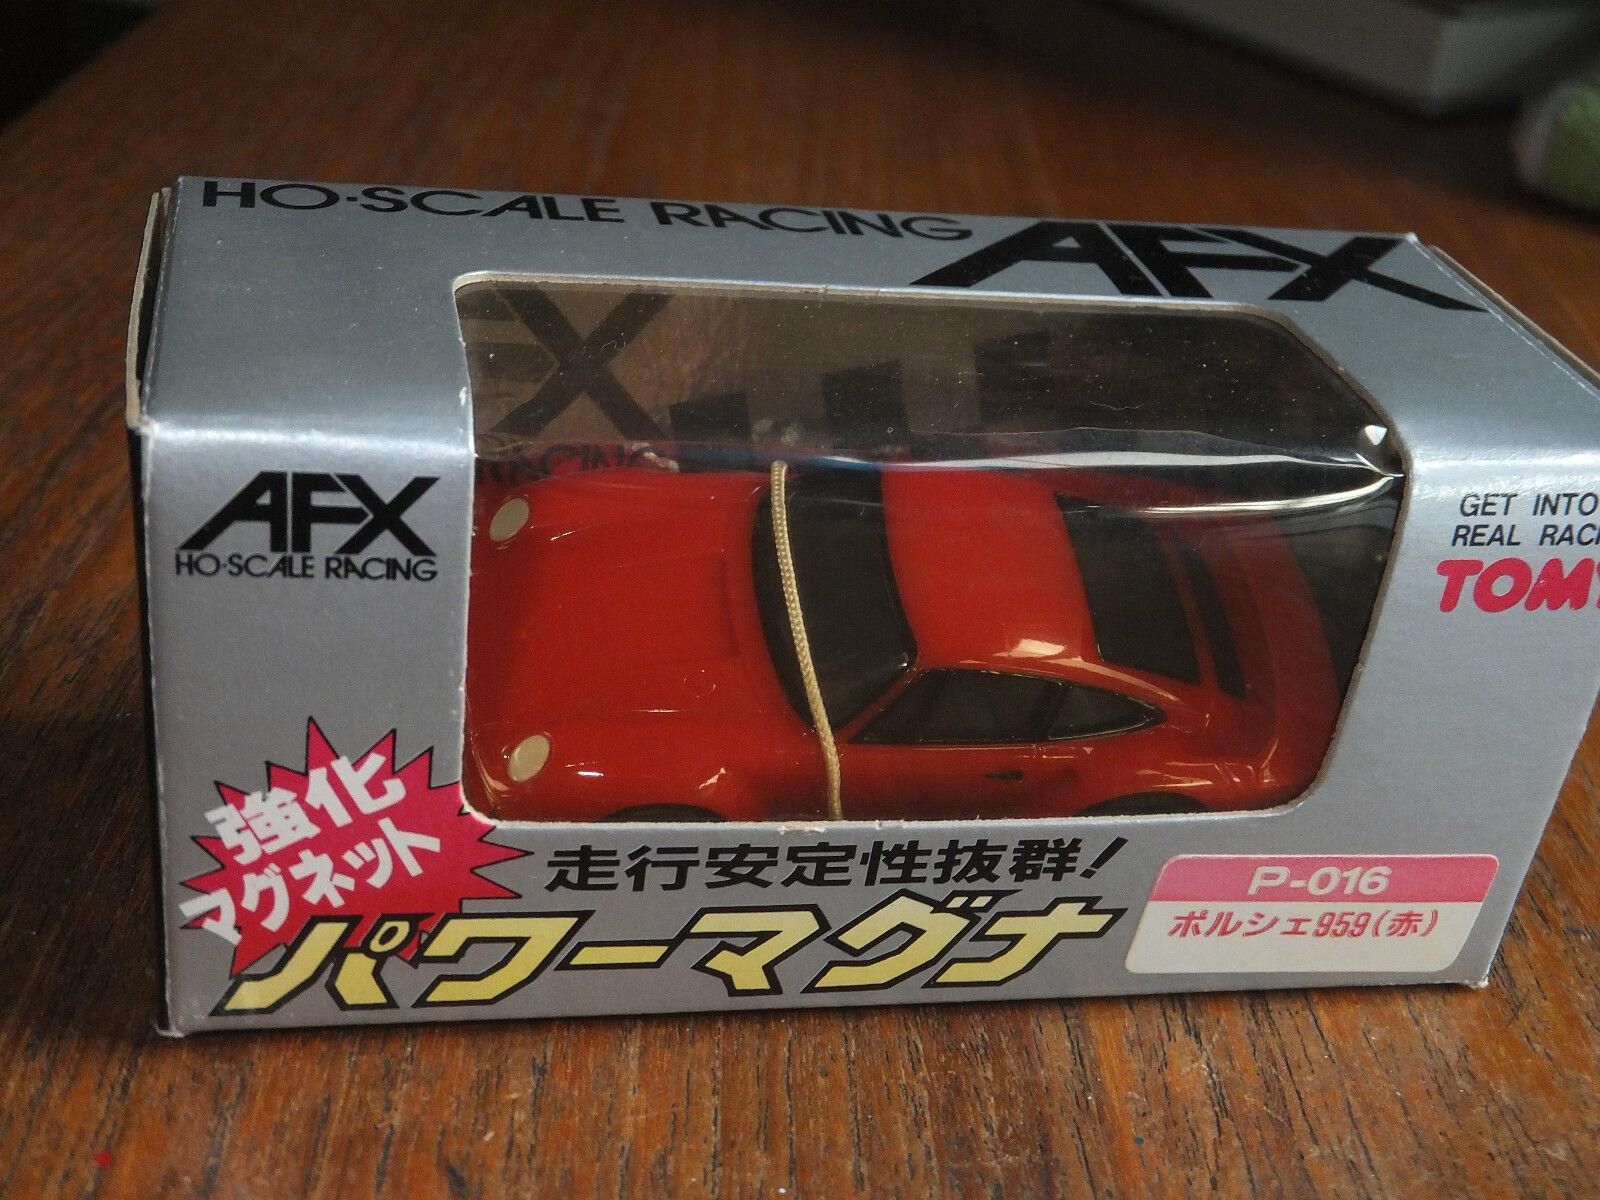 AFX, BOXED JAPAN PORSCHE P-016 parfait, Ho Ho Ho AURORA FALLER Tomy Tyco japonais 4405e2